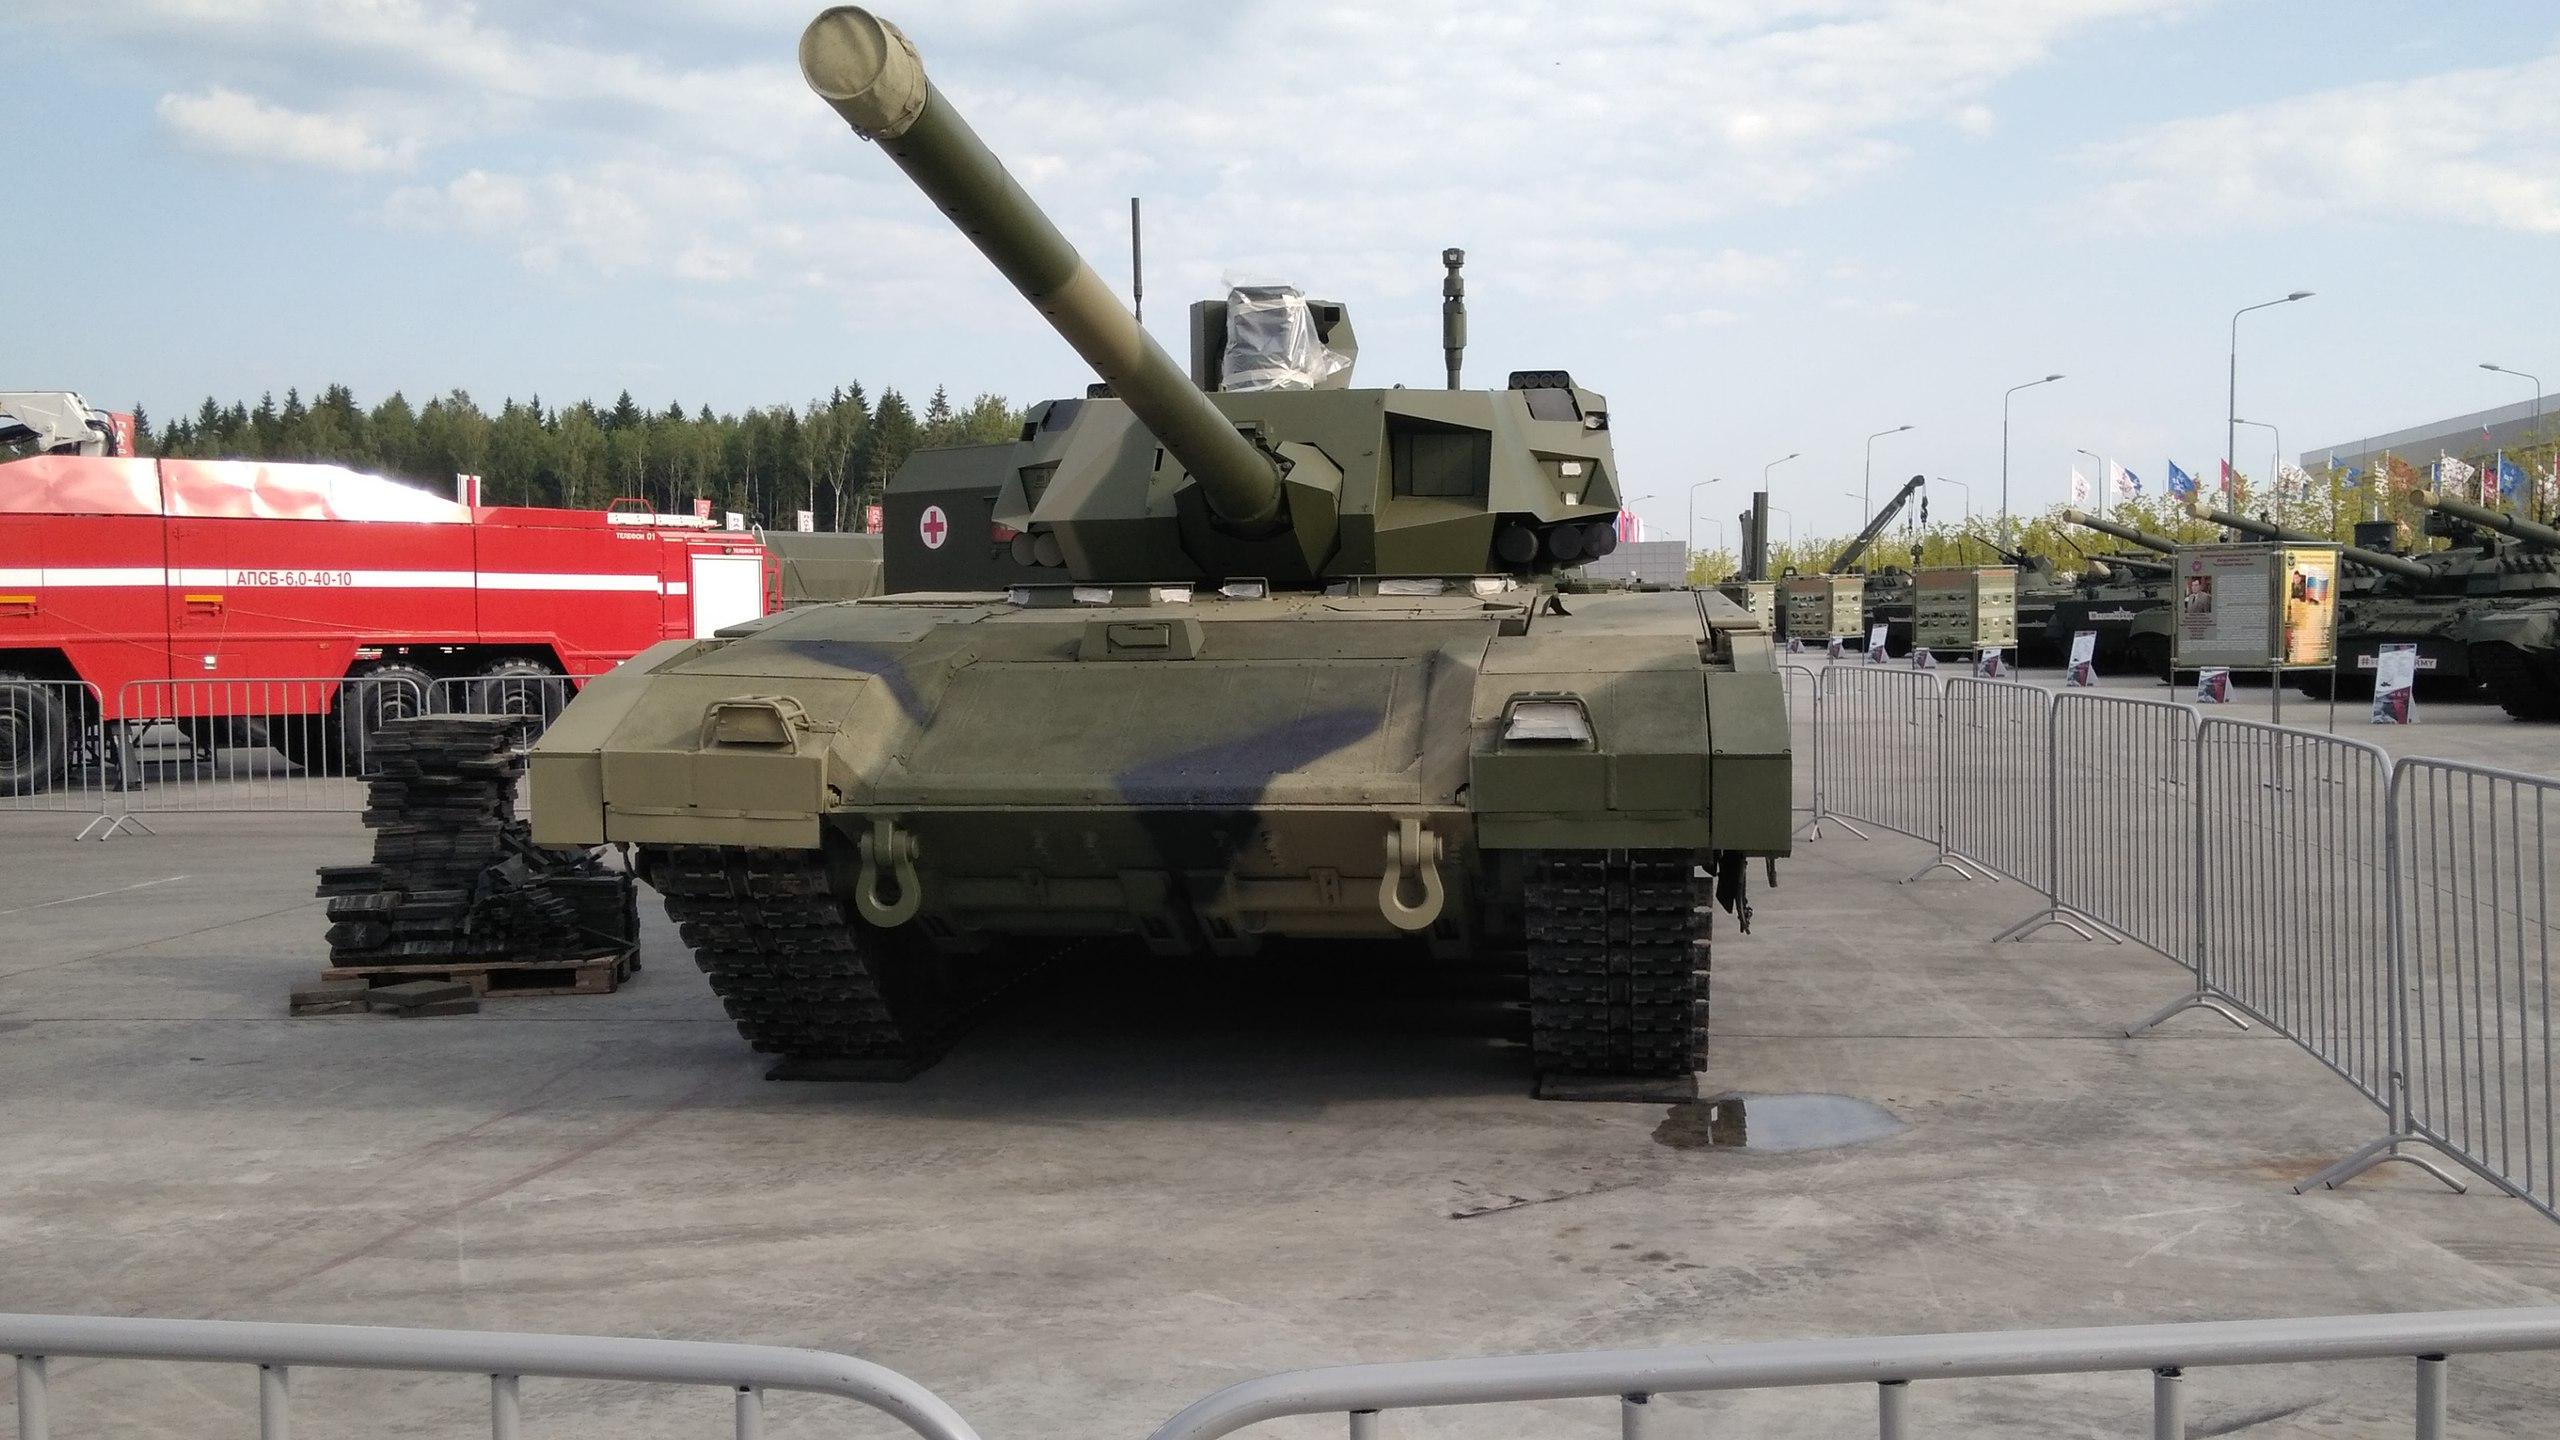 Armija-Nemzetközi haditechnikai fórum és kiállítás CyPRwKkKFfU